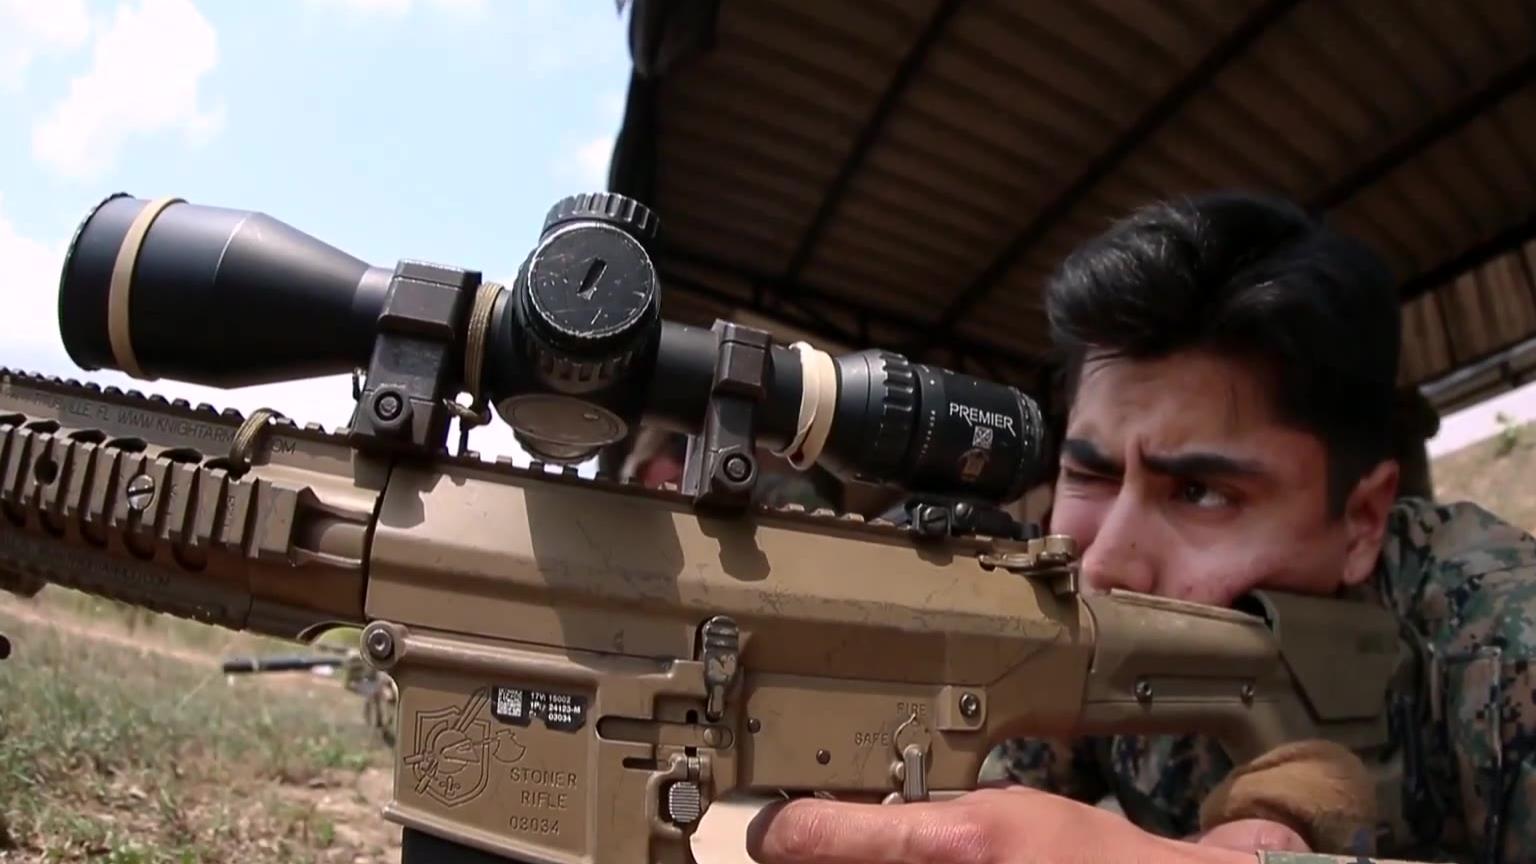 美泰 金色眼镜蛇军演 双边狙击训练射击